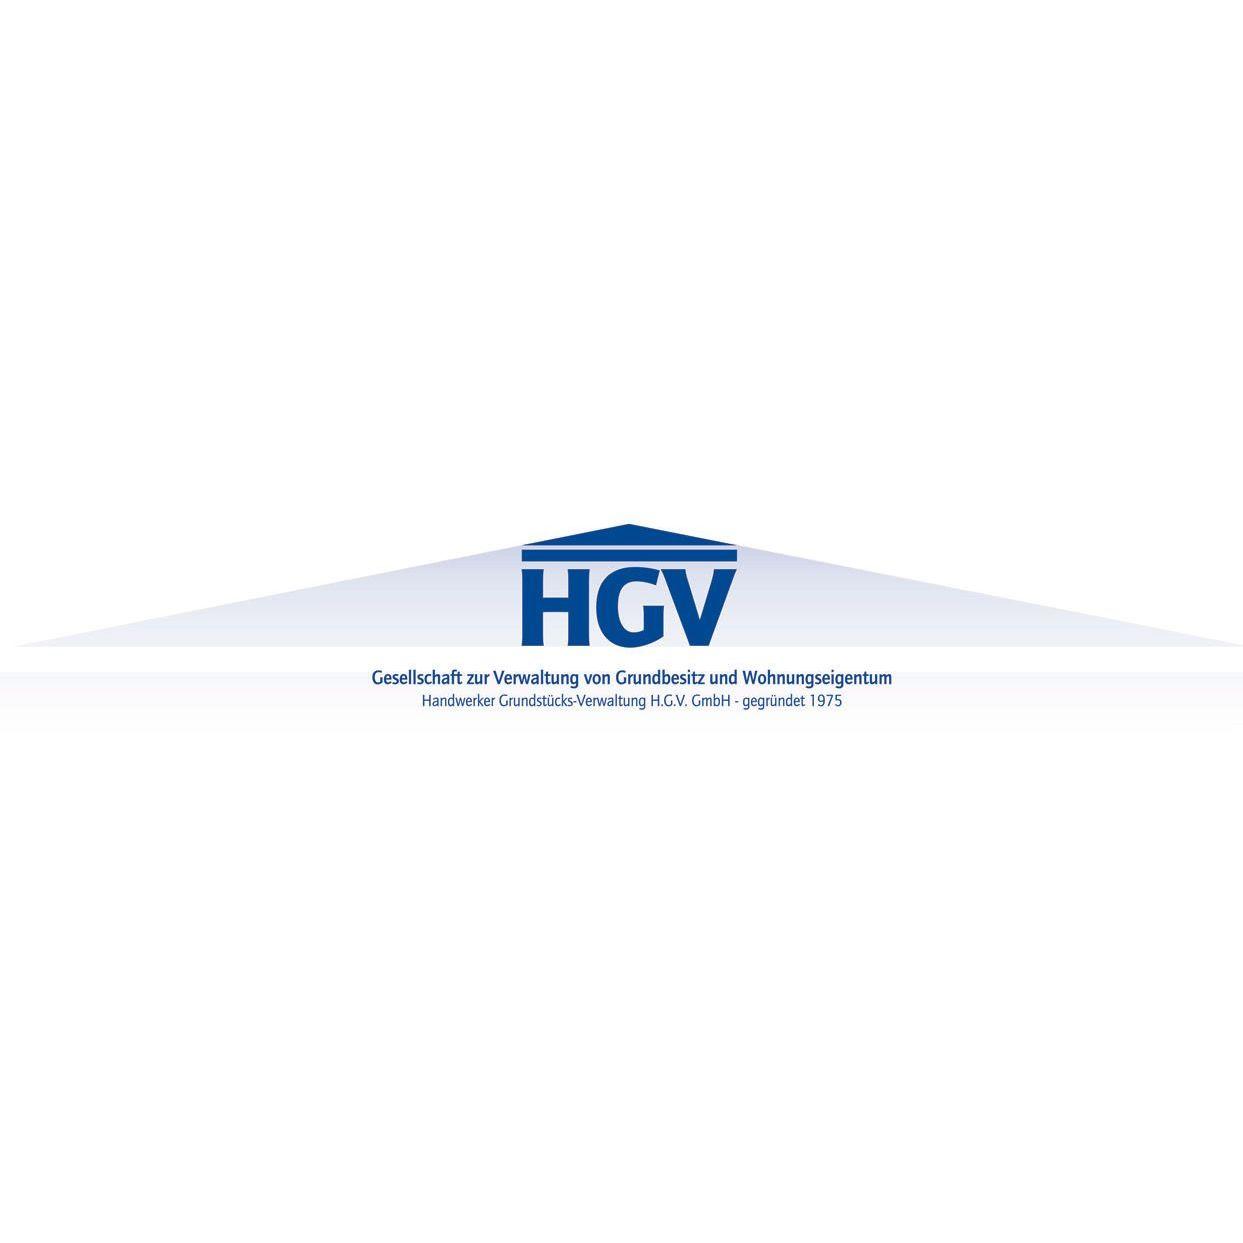 Bild zu Handwerker Grundstücks-Verwaltung H.G.V. GmbH in Bremen